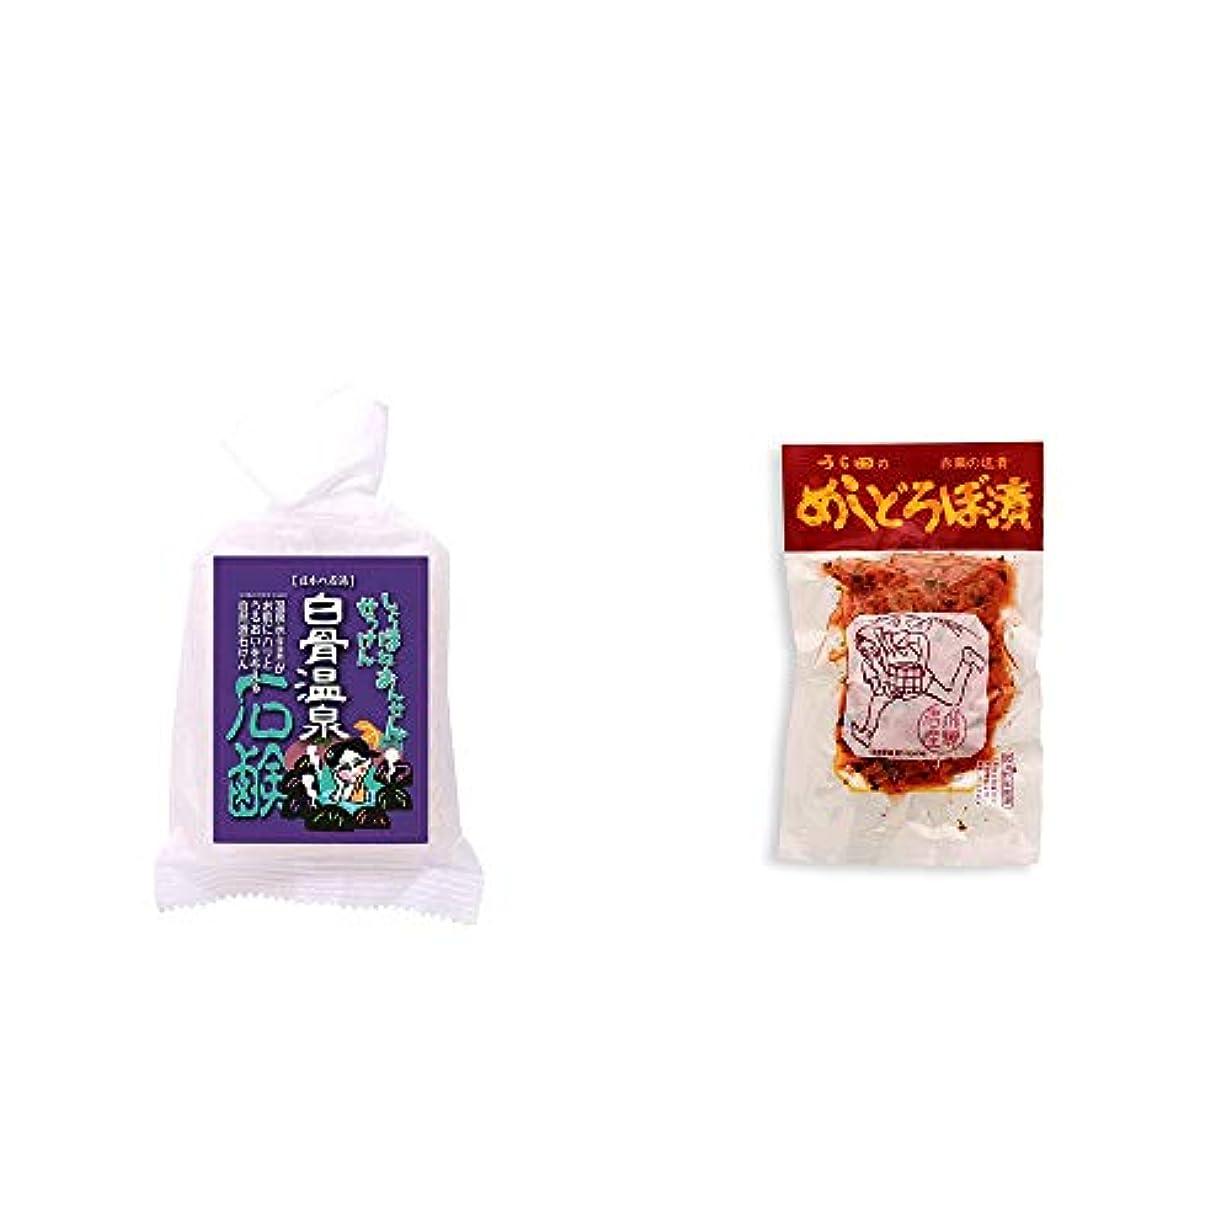 海外でパッドサミット[2点セット] 信州 白骨温泉石鹸(80g)?うら田 めしどろぼ漬(180g)